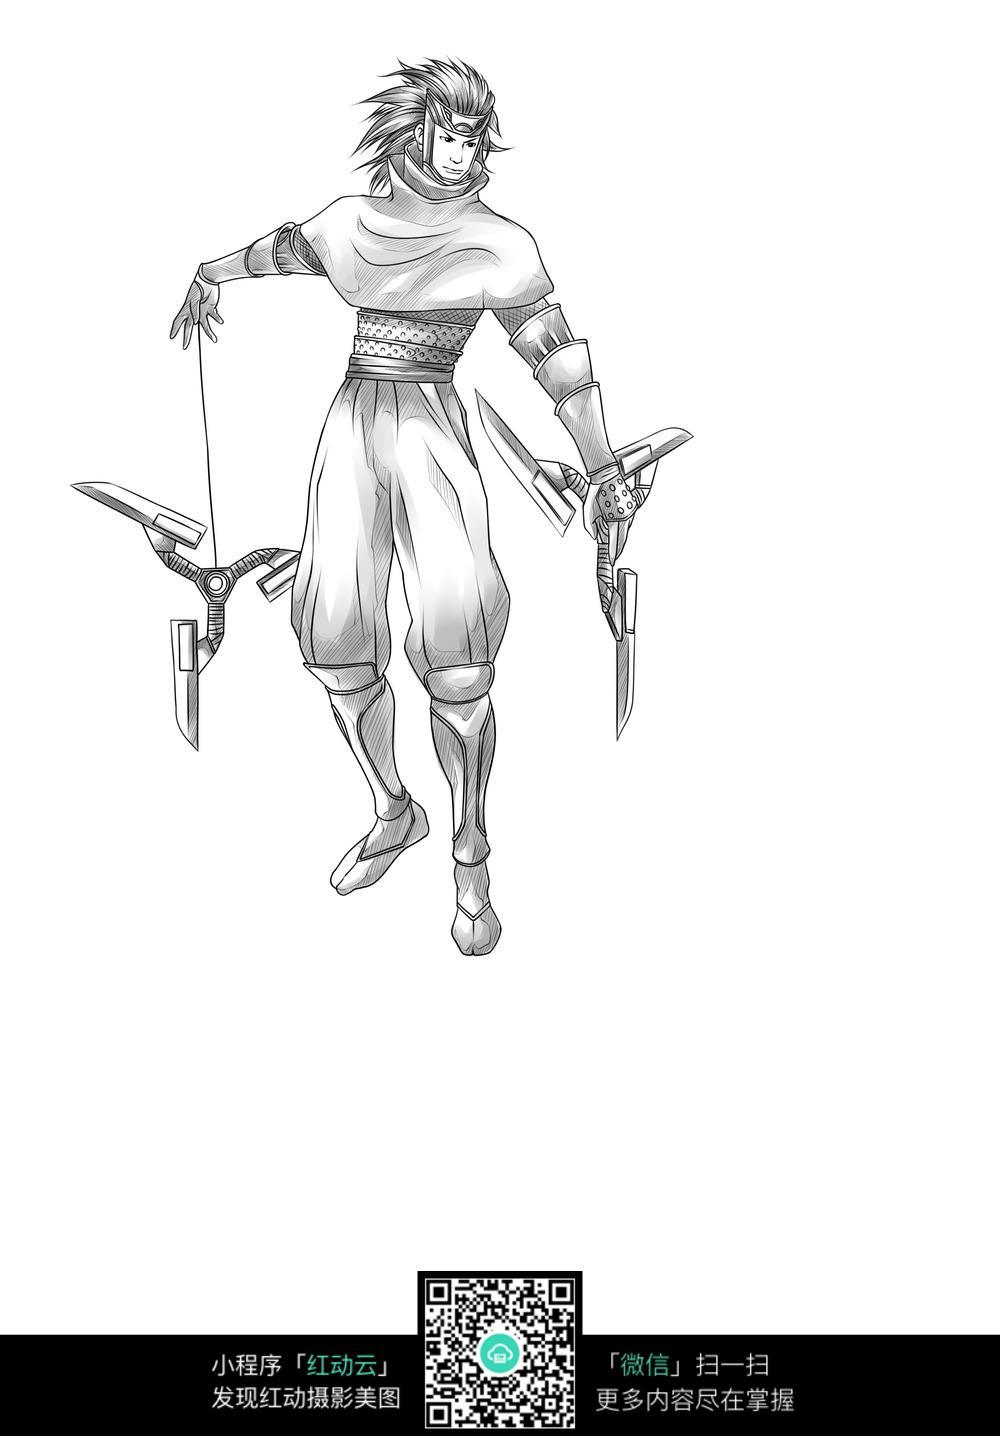 男子 武器 卡通 手绘线稿图片